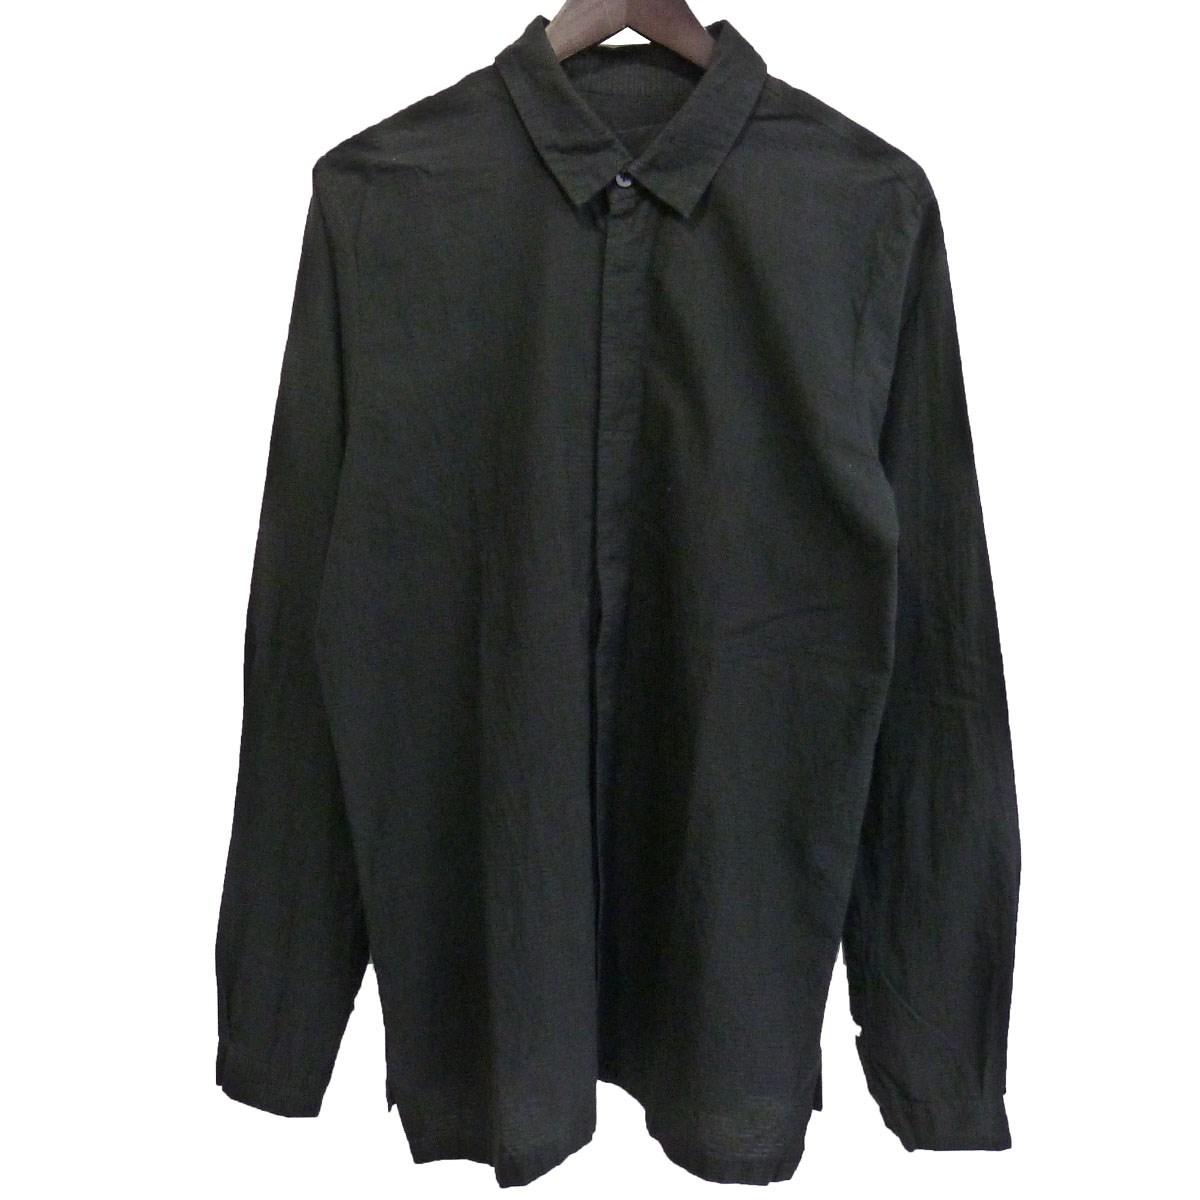 【中古】ATELIER SUPPAN シアサッカー比翼シャツ ブラック サイズ:3 【230220】(アトリエスパン)